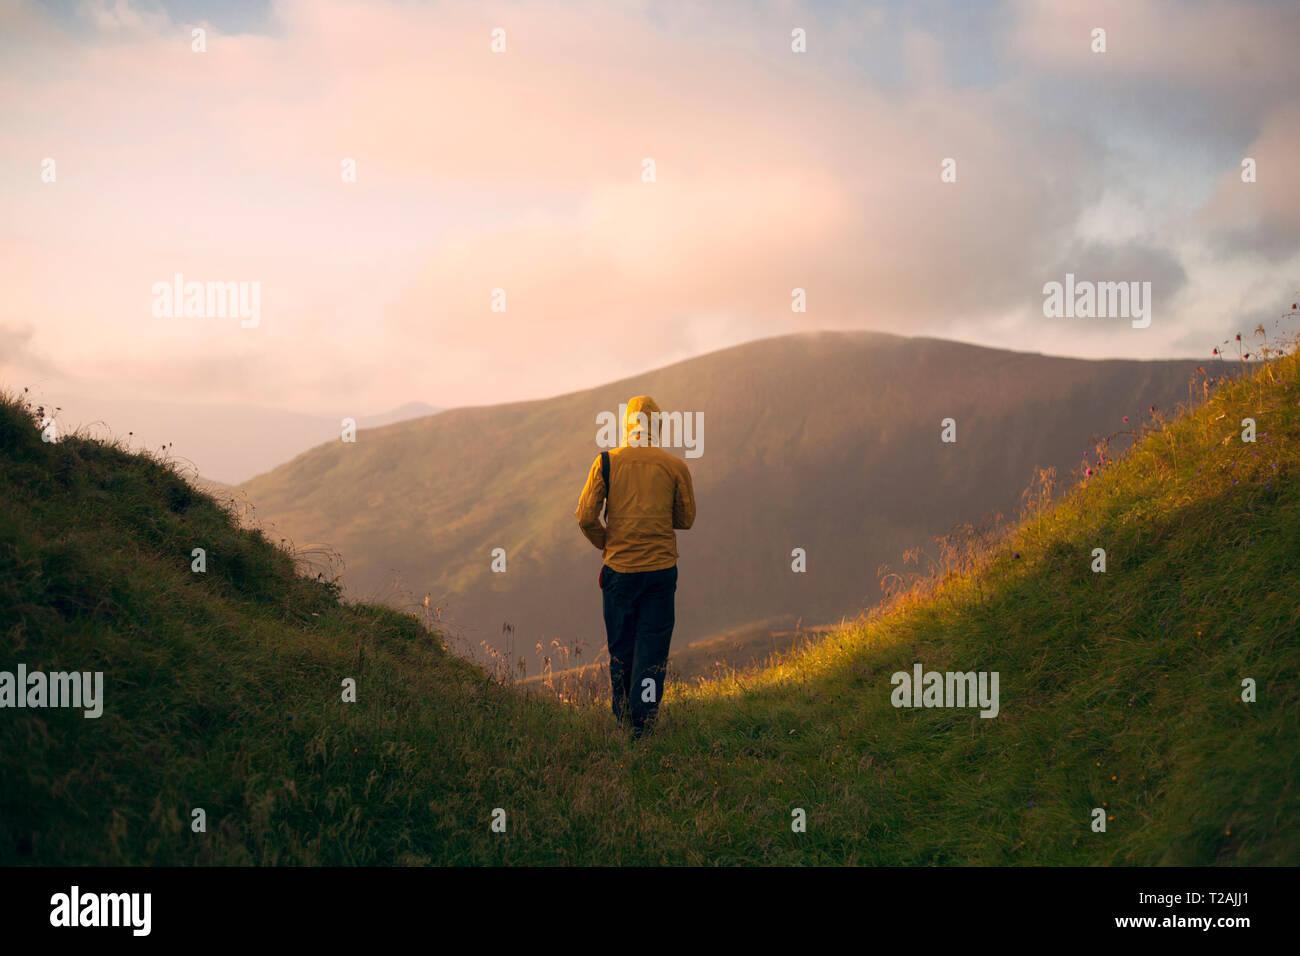 Rückansicht des Menschen wandern in den Karpaten Gebirge Stockfoto